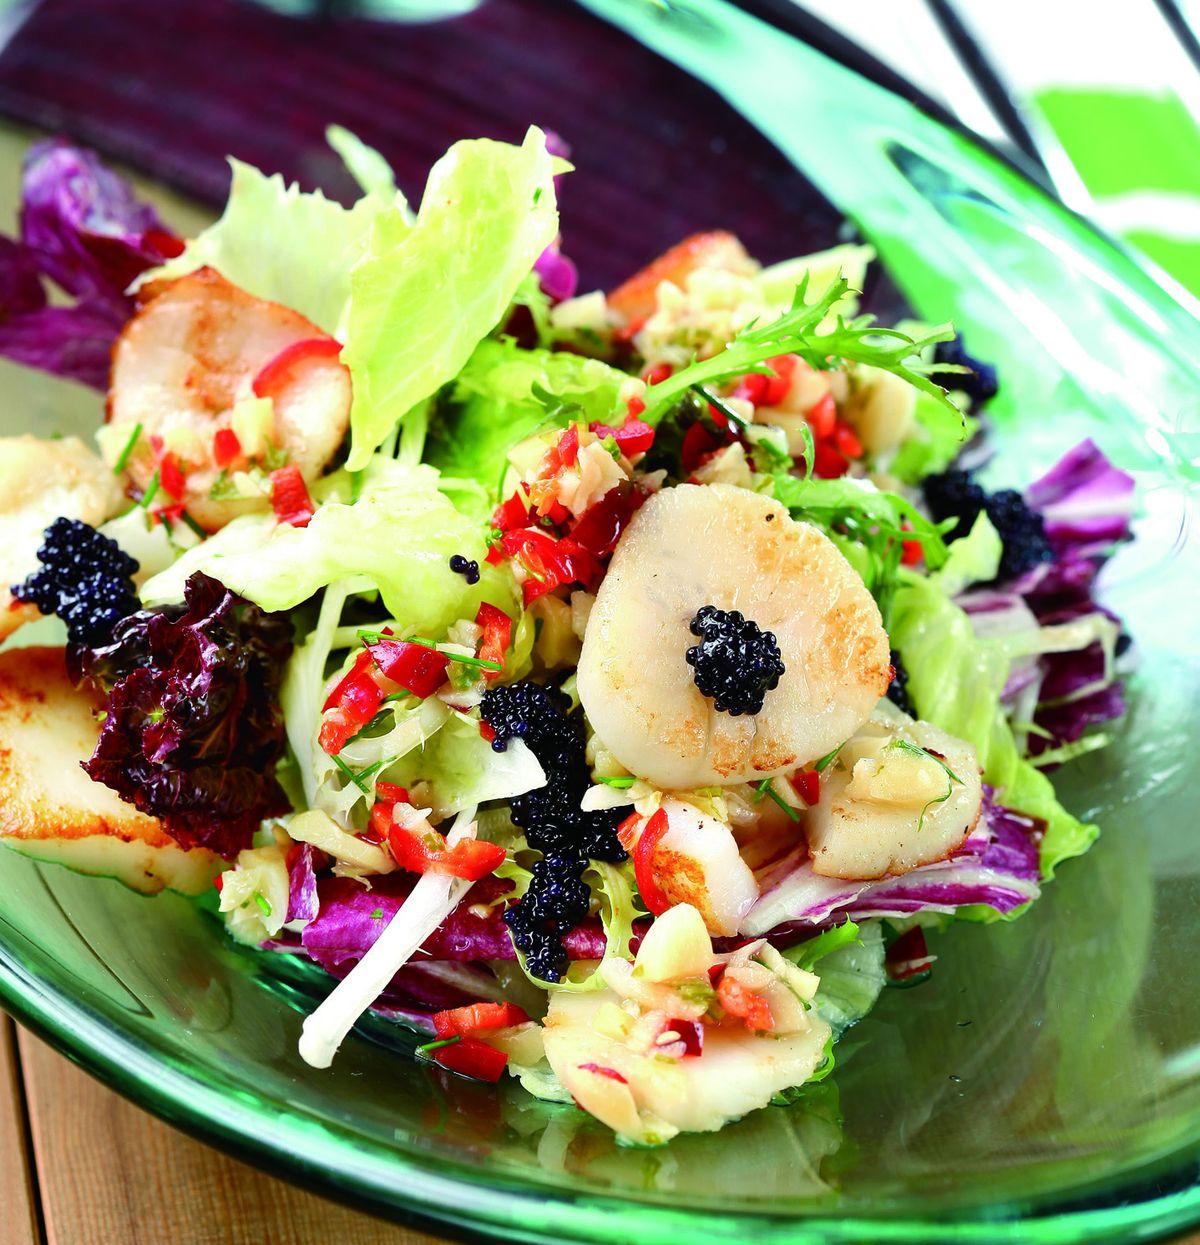 食譜:鮮貝襯鱘龍魚子醬佐蝦夷蔥醬汁